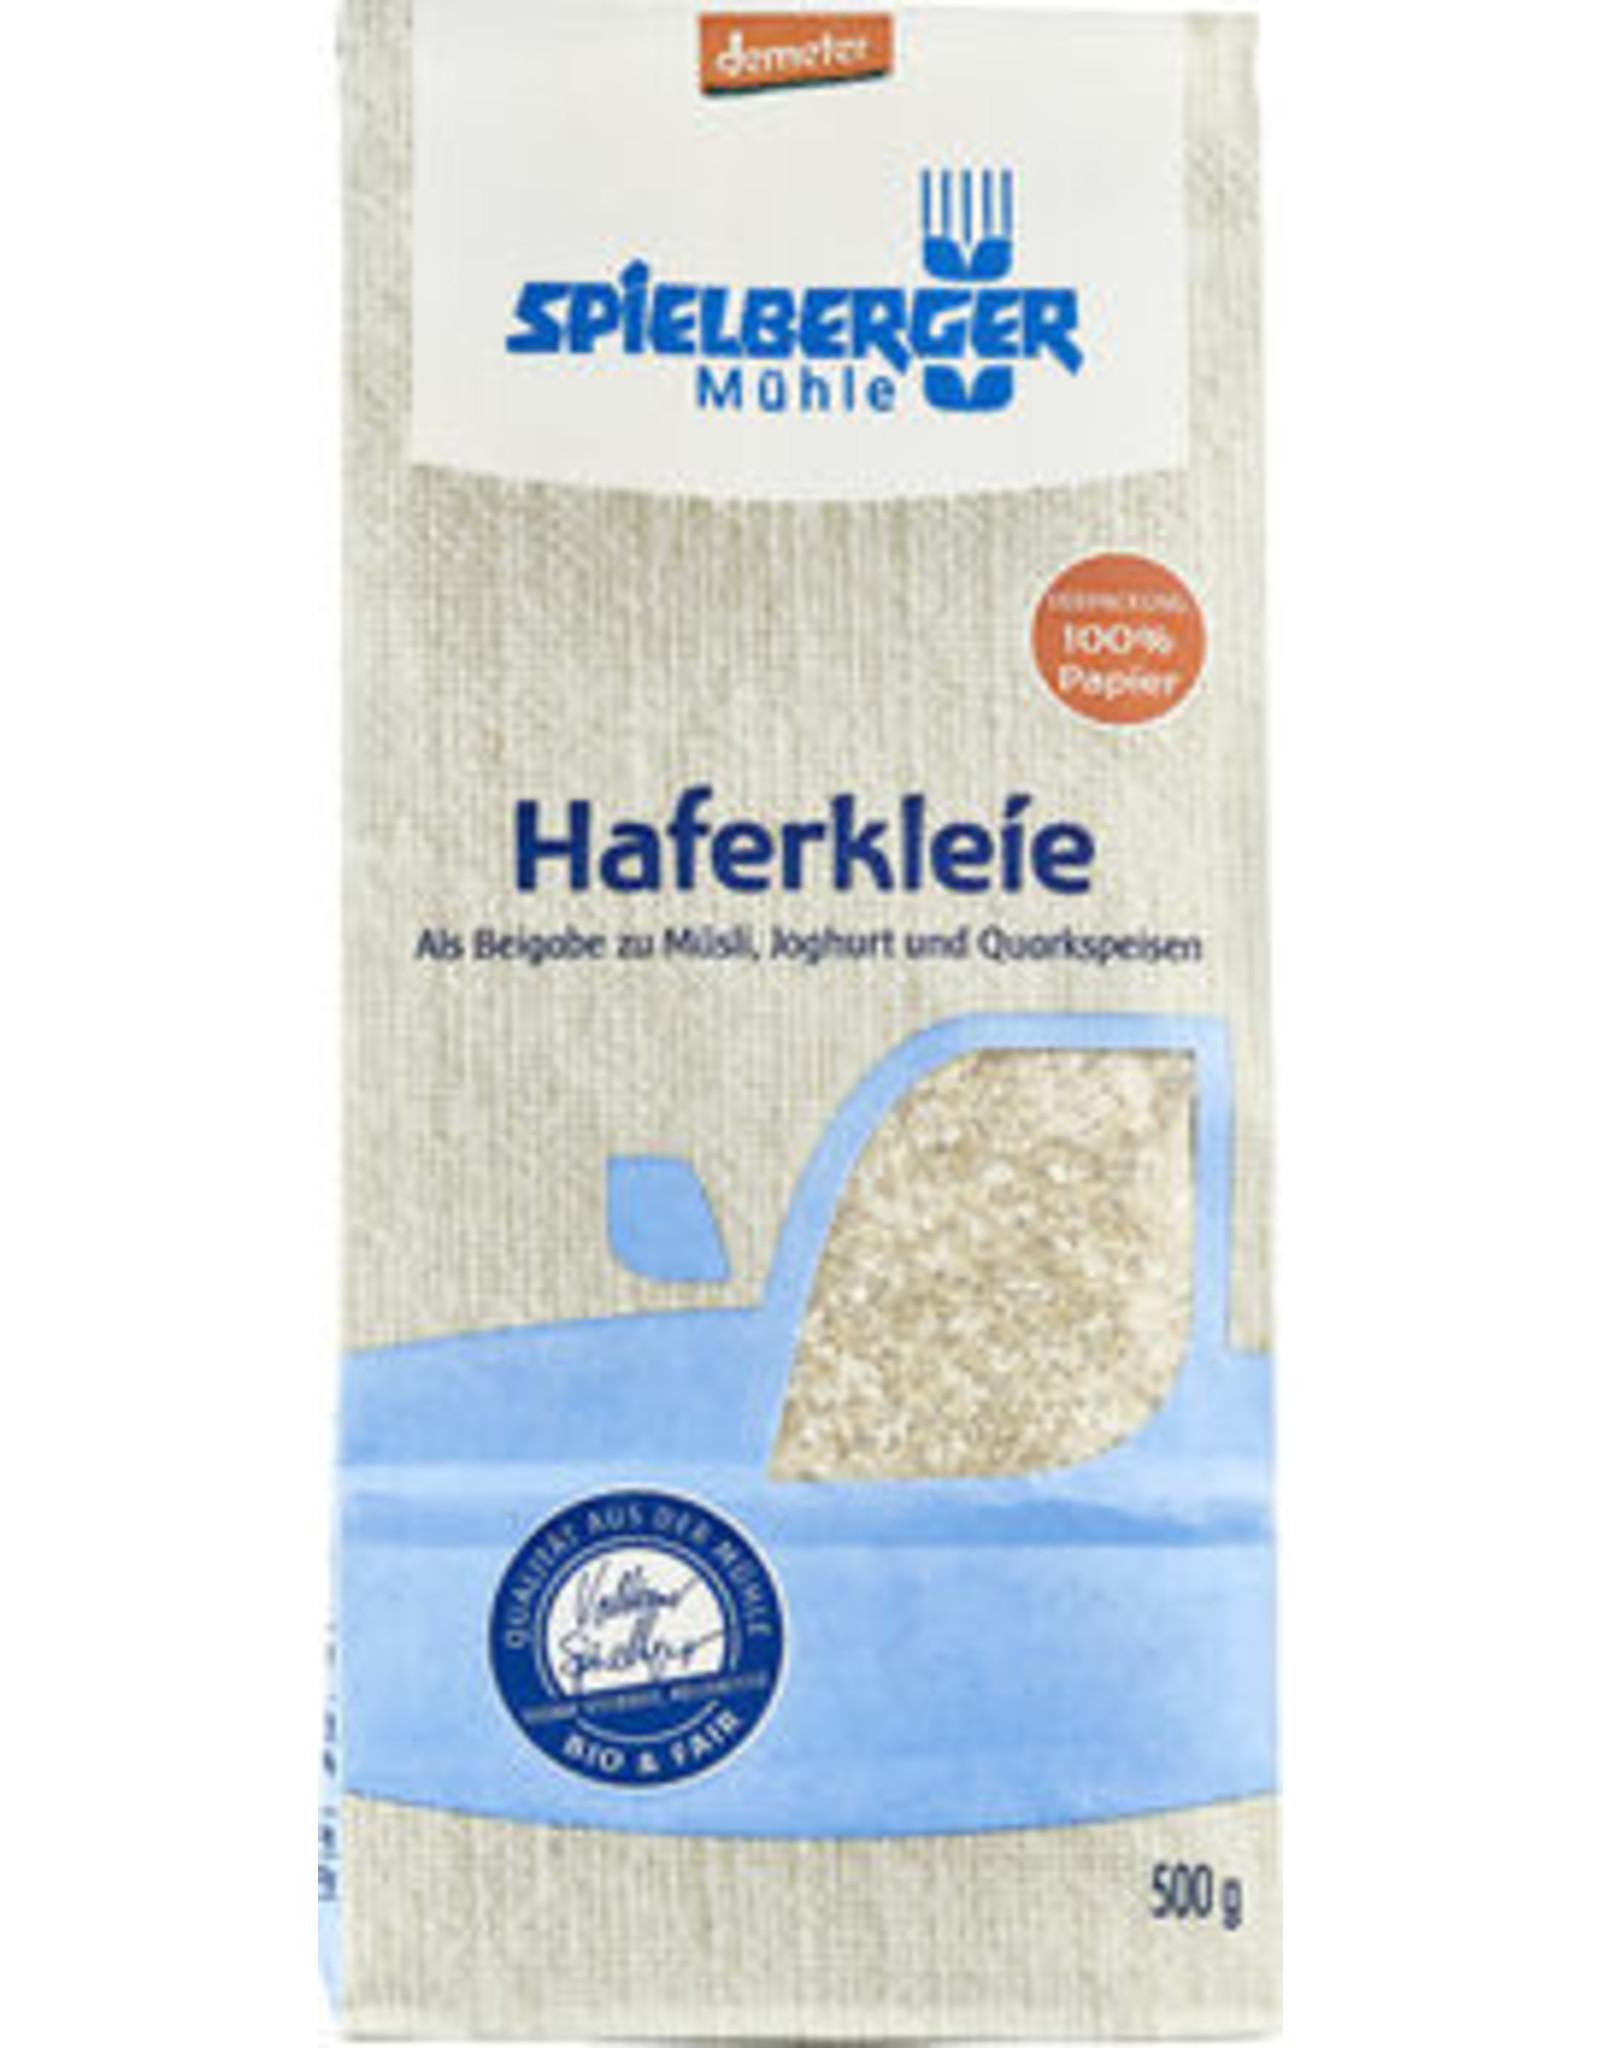 SPIELBERGER Haferkleie, demeter 500g